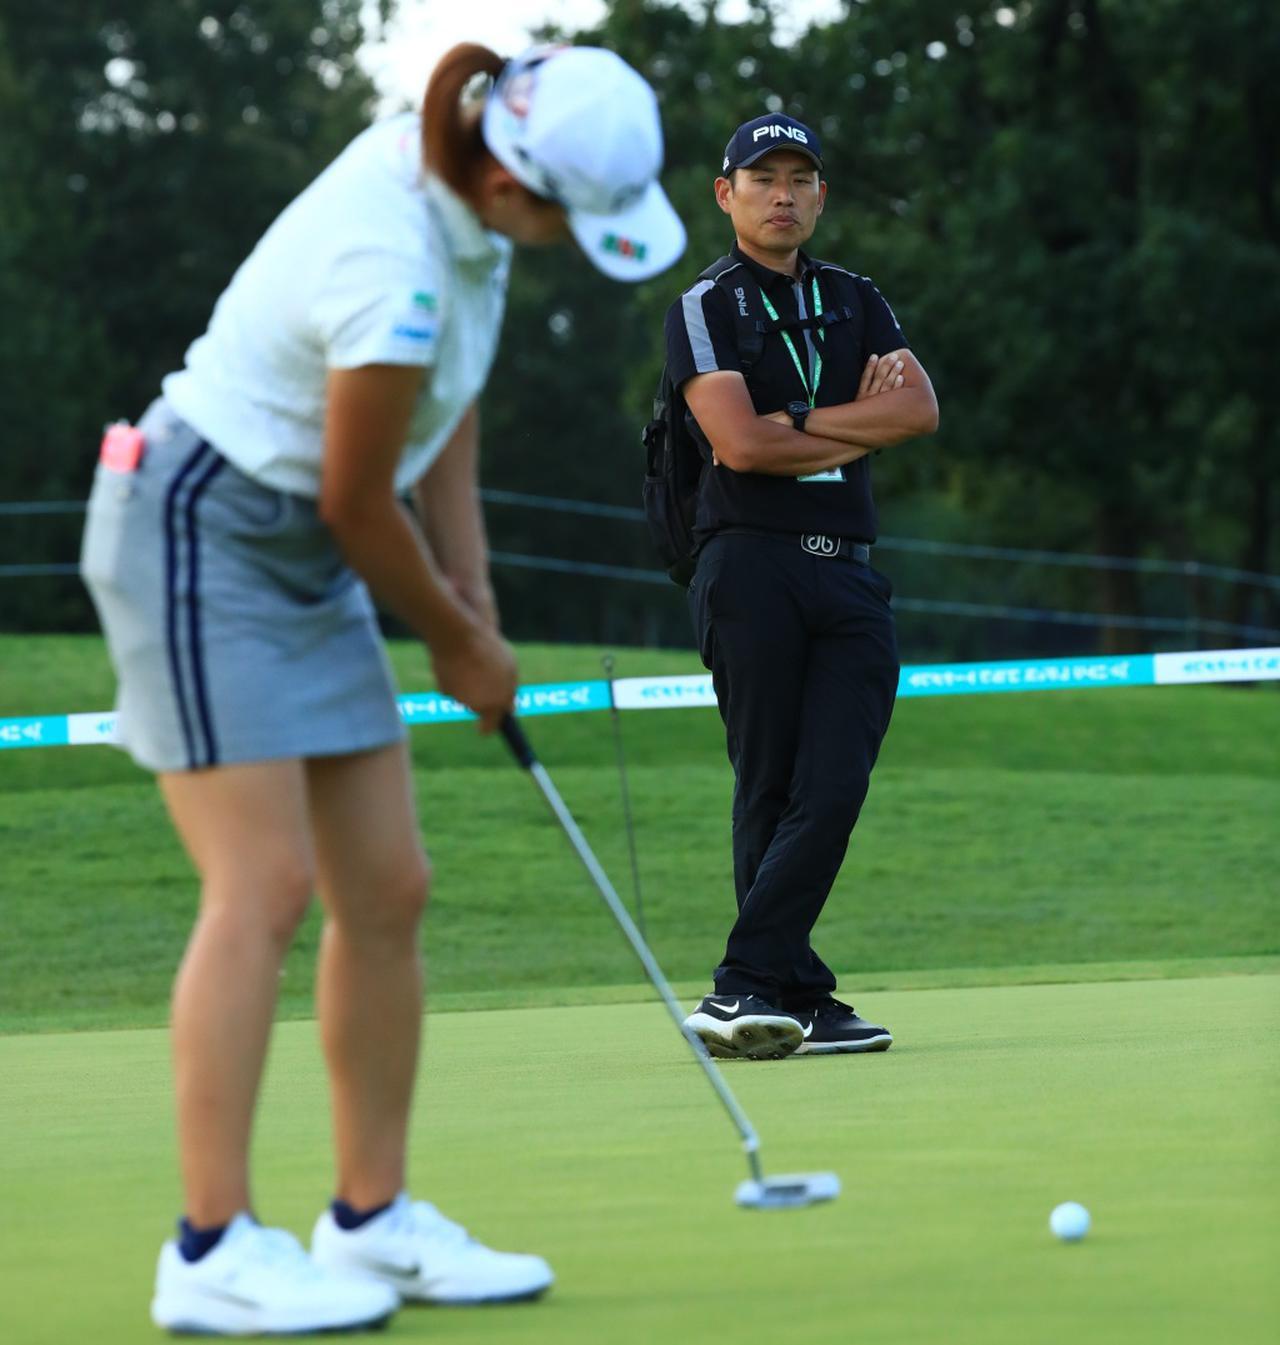 画像: 手取り足取り教えるだけがコーチではなく、一歩引いて見守ることもコーチの大切な役割